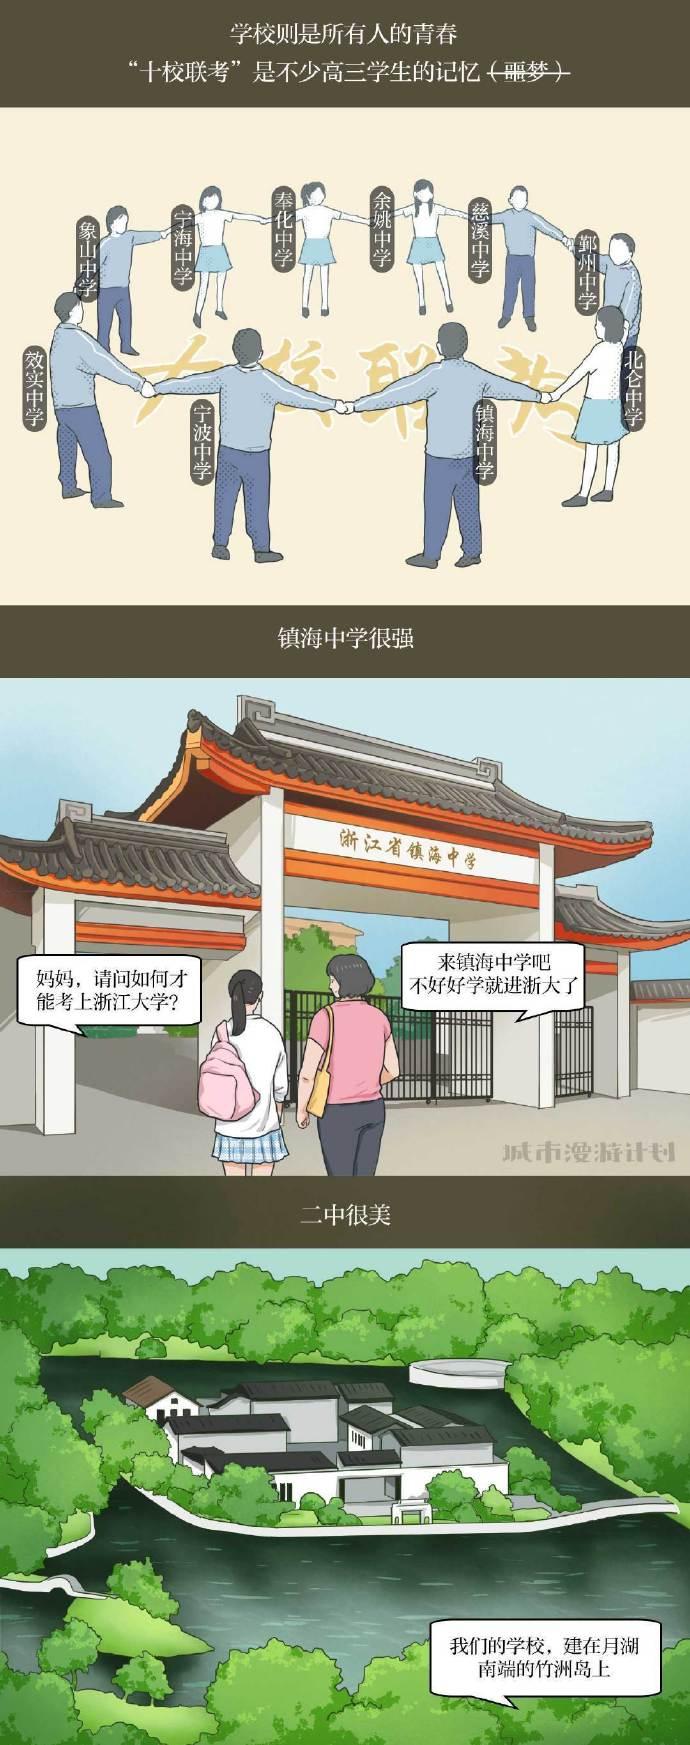 浙江省内的一个宝藏城市宁波